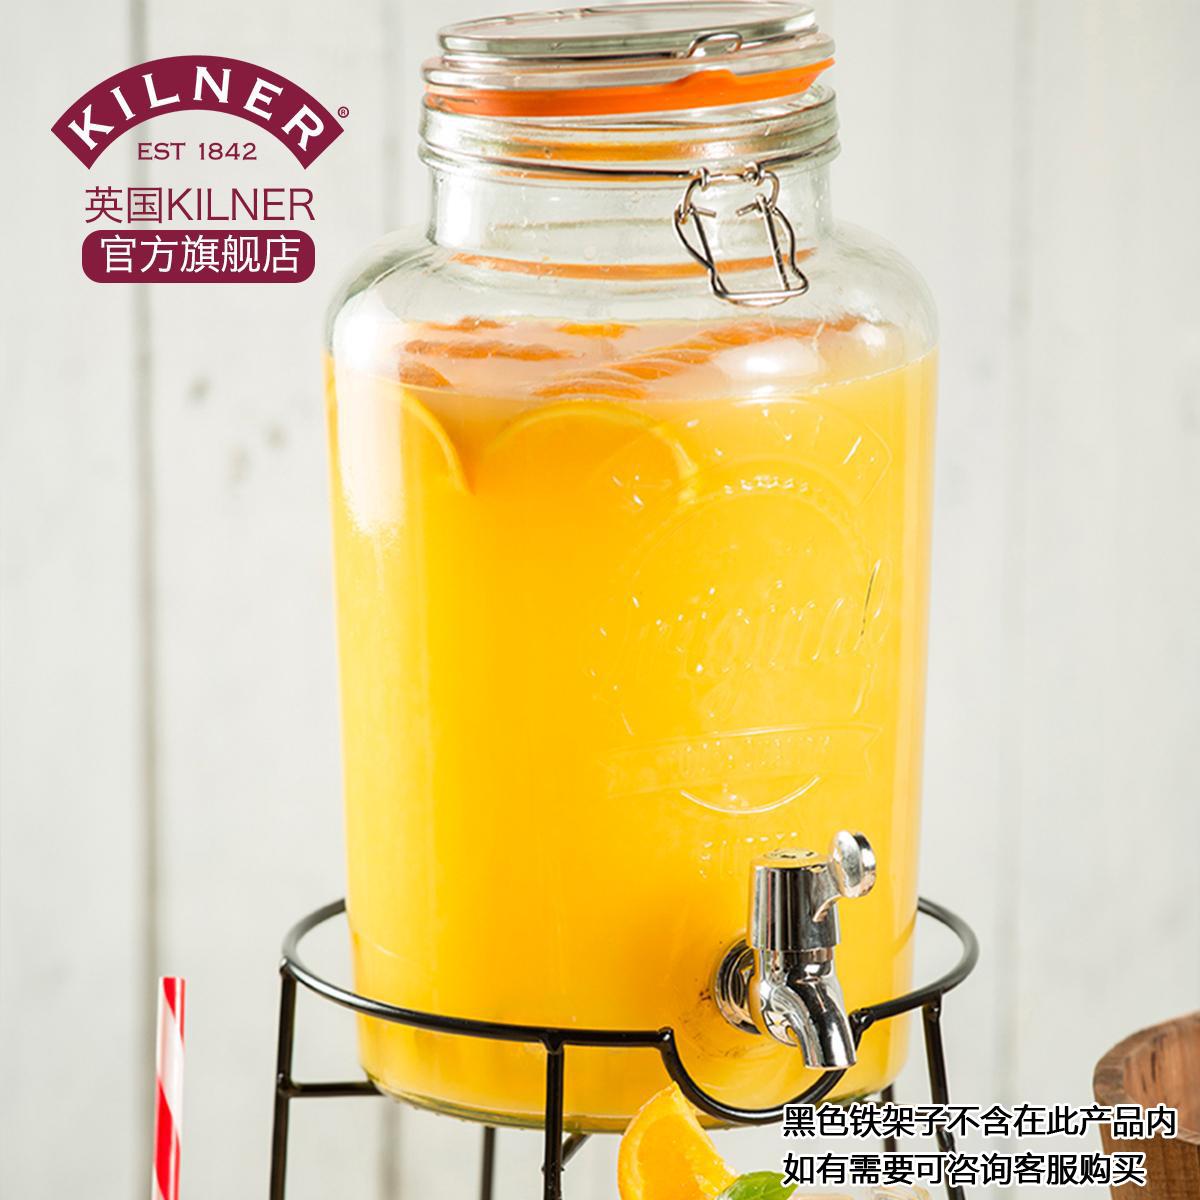 英国Kilner泡酒罐玻璃罐酿酒器带龙头家用果汁饮料罐药酒密封罐